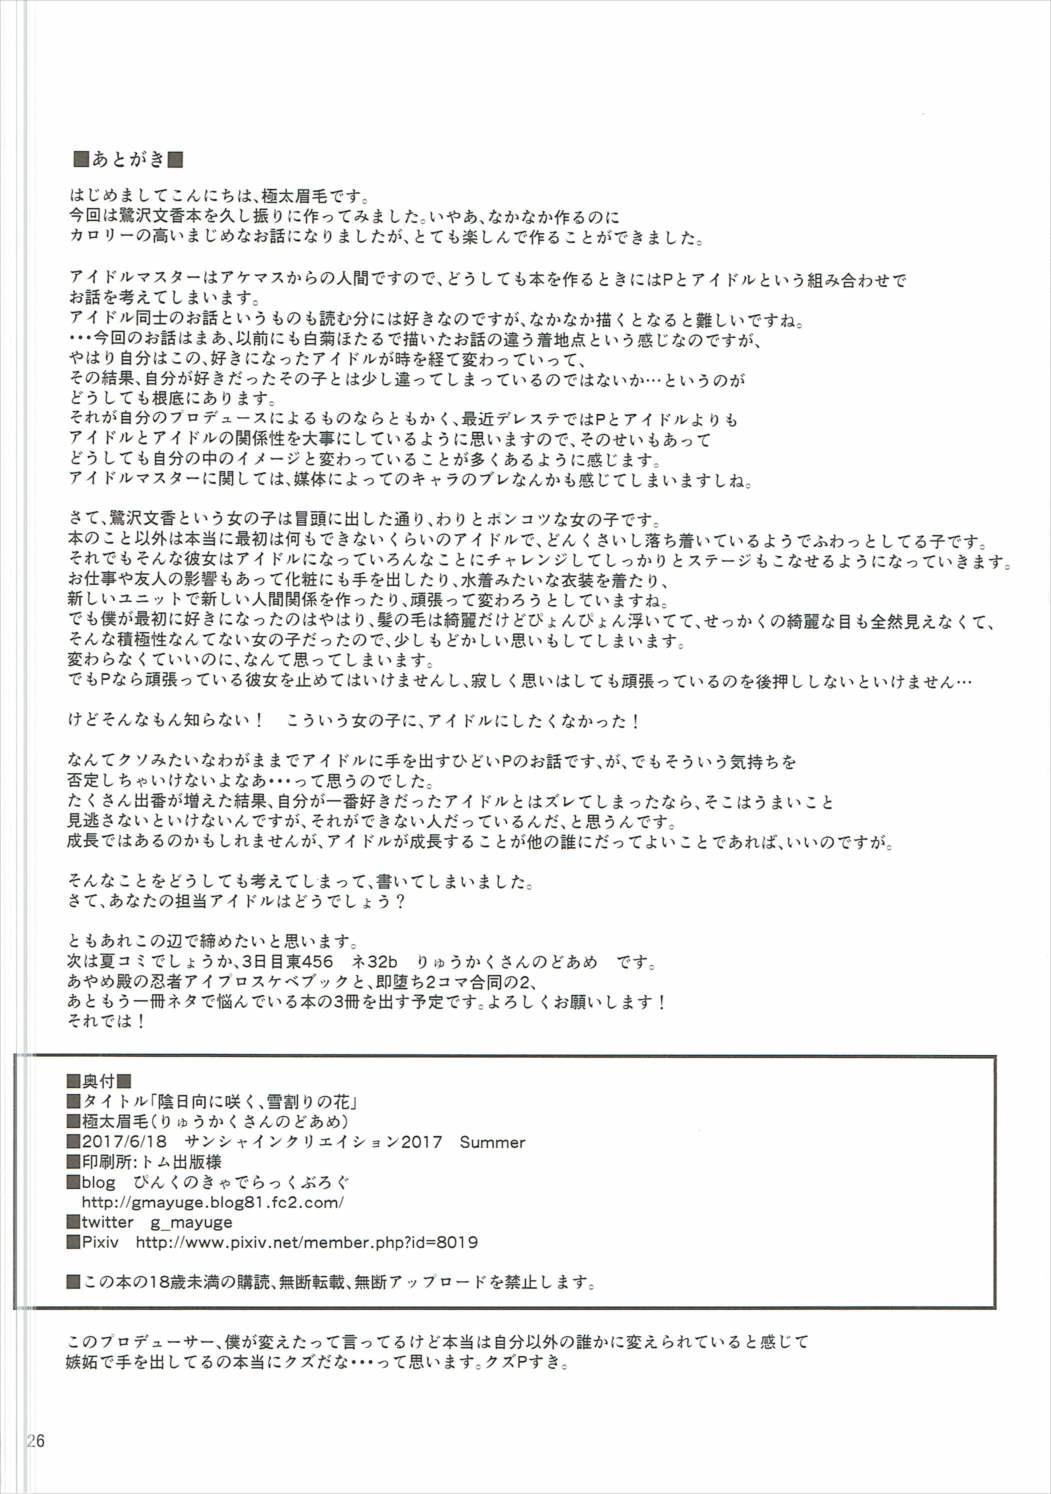 Kagehinata ni Saku, Yukiwari no Hana 24